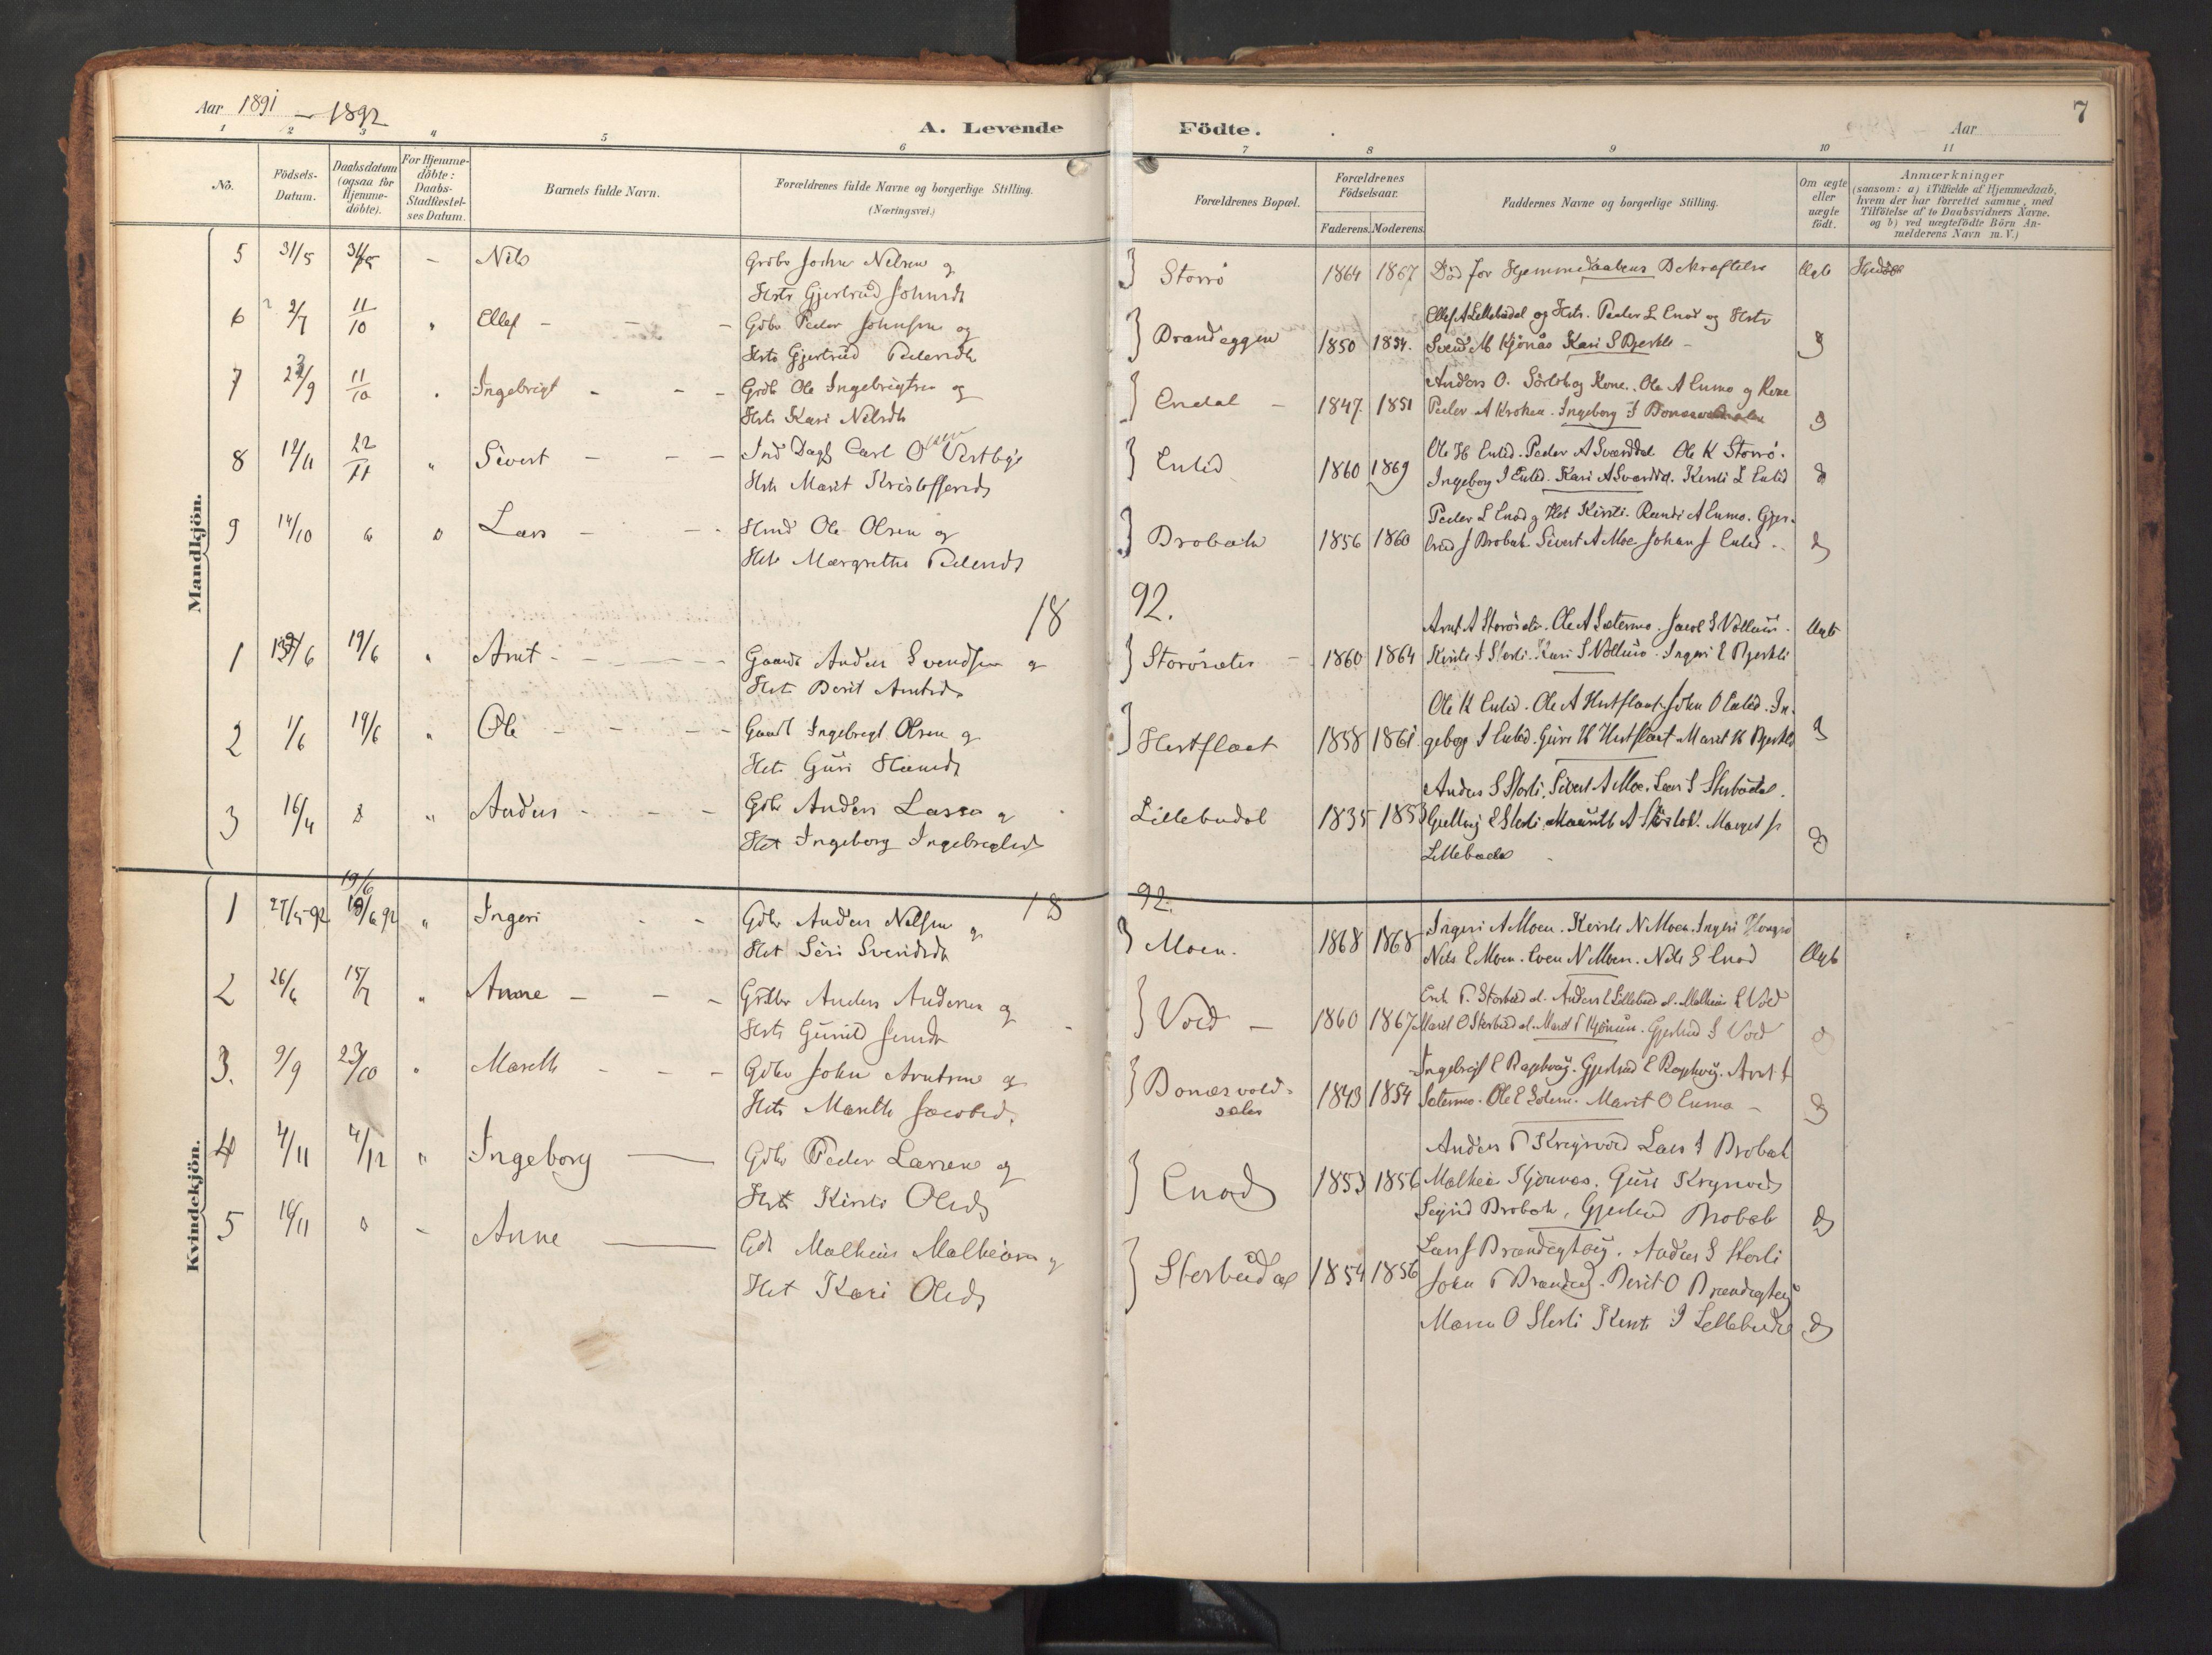 SAT, Ministerialprotokoller, klokkerbøker og fødselsregistre - Sør-Trøndelag, 690/L1050: Ministerialbok nr. 690A01, 1889-1929, s. 7